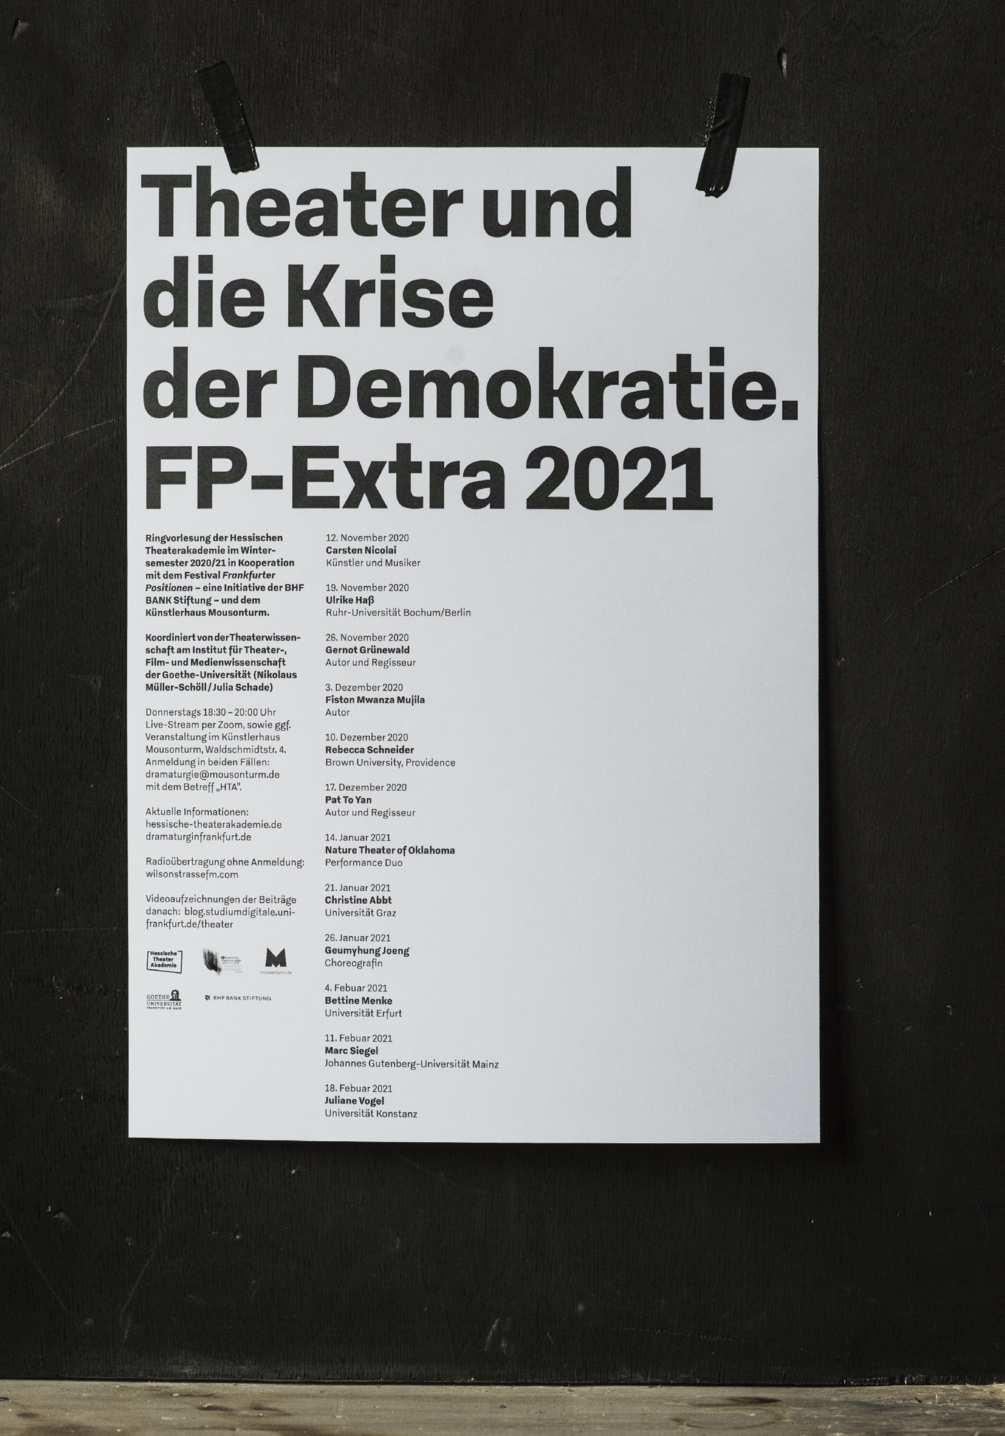 krise-der-demokratie-photo-00-1005x1436px